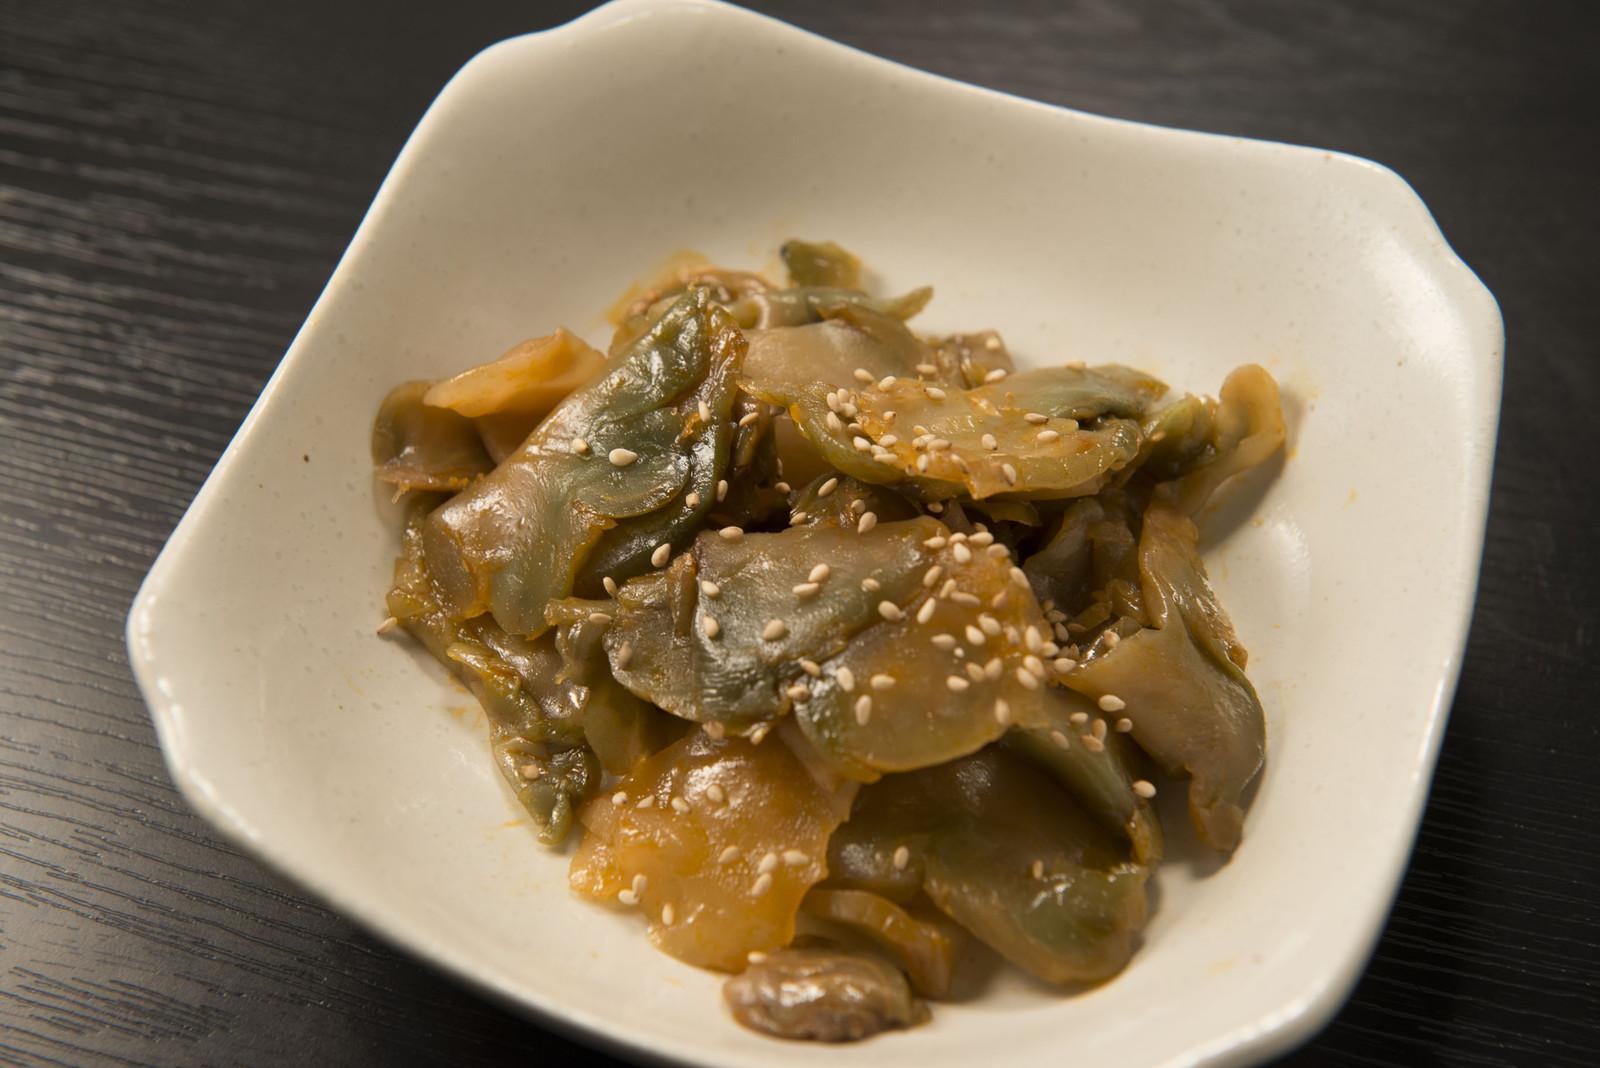 食べれば絶対ハマっちゃう♡ザーサイを使った絶品レシピをご紹介♪のサムネイル画像